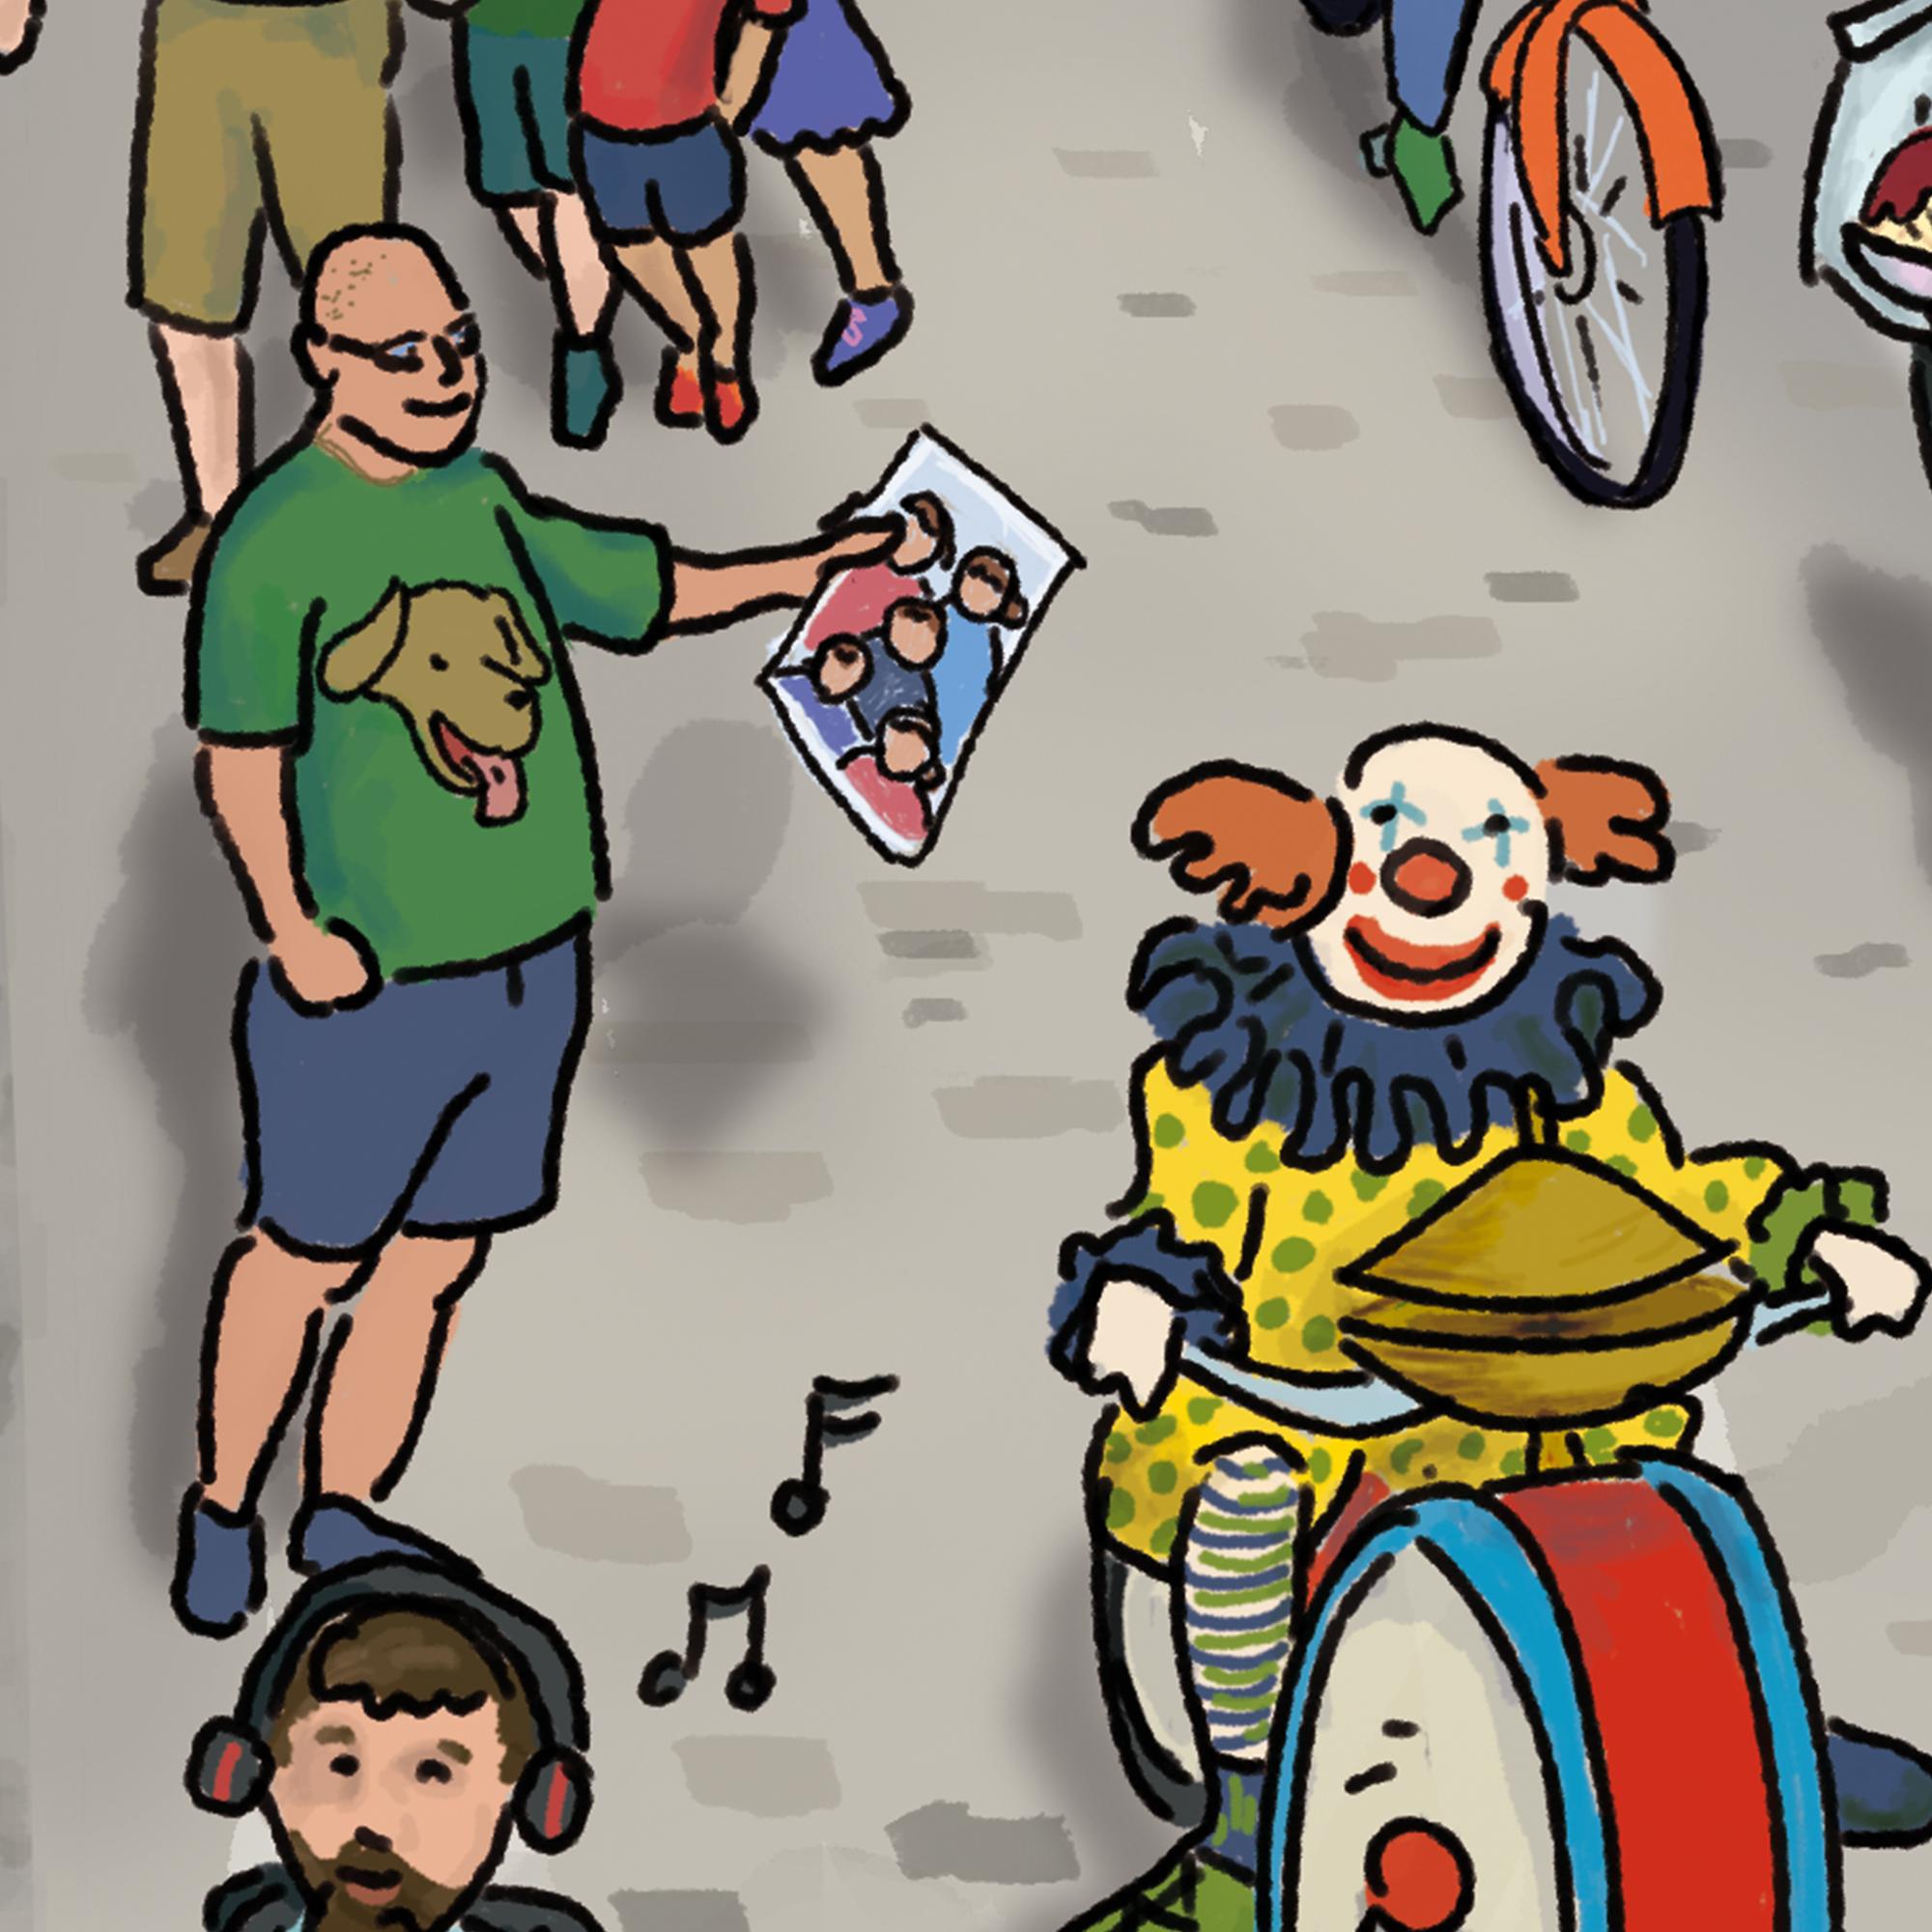 """Das Beste zum Schluss: Dies ist ein Ausschnitt von dem Cover meines Wimmelbuchs """"Mannheim wimmelt"""". Es zeigt mein großer Bruder, der ein grünes T-Shirt mit Hundemotiv trägt, mit einem Foto von mir und und meinen 4 Geschwistern. Scott wurde als Baby zur Adoption freigegeben. Er ist der älteste von uns und wir lernten erst sehr spät von seinem Existenz. Außer Scott sieht man einen Clown auf einem Fahrrad, das mit Musikinstrumente ausgestattet ist."""